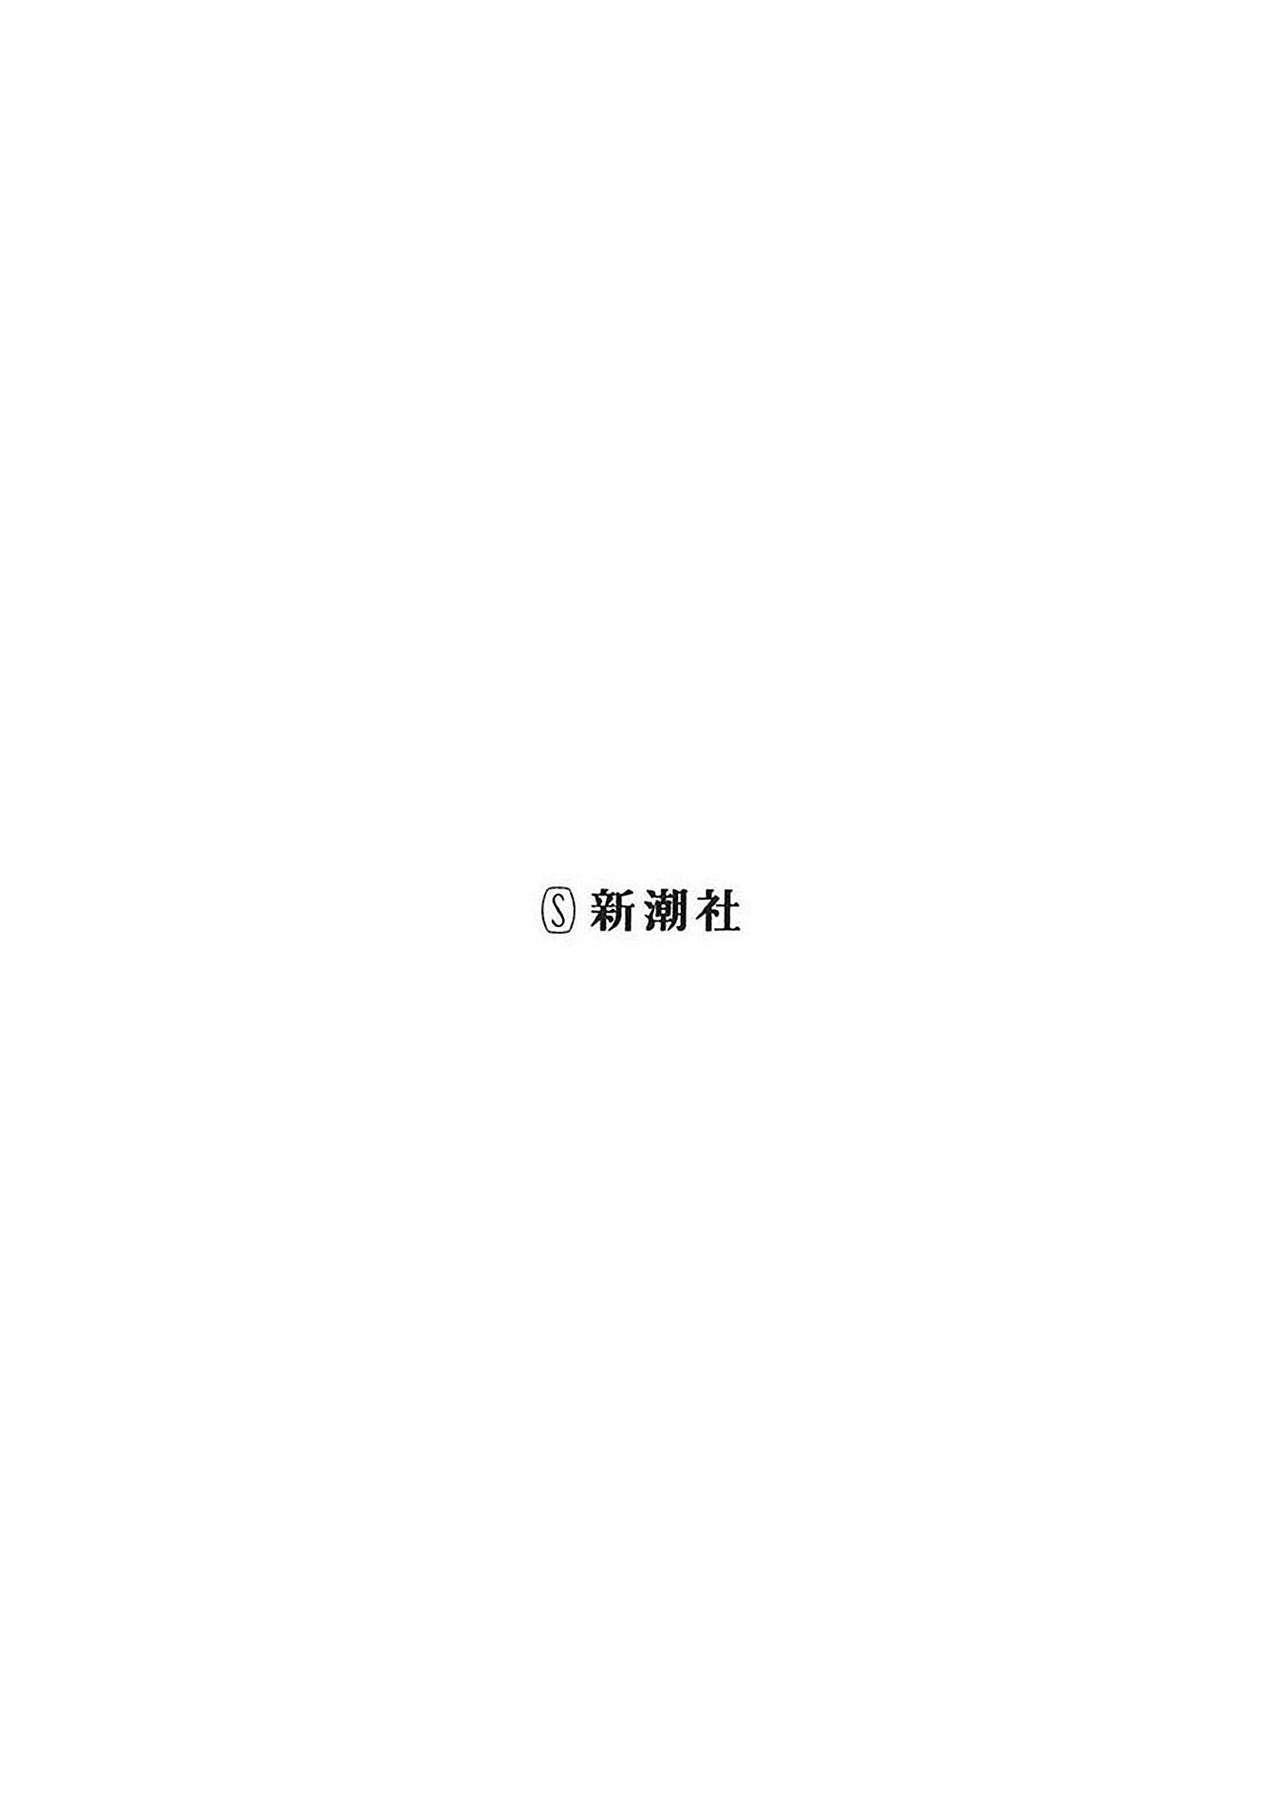 JK Haru wa Isekai de Shoufu ni Natta 1-14 359